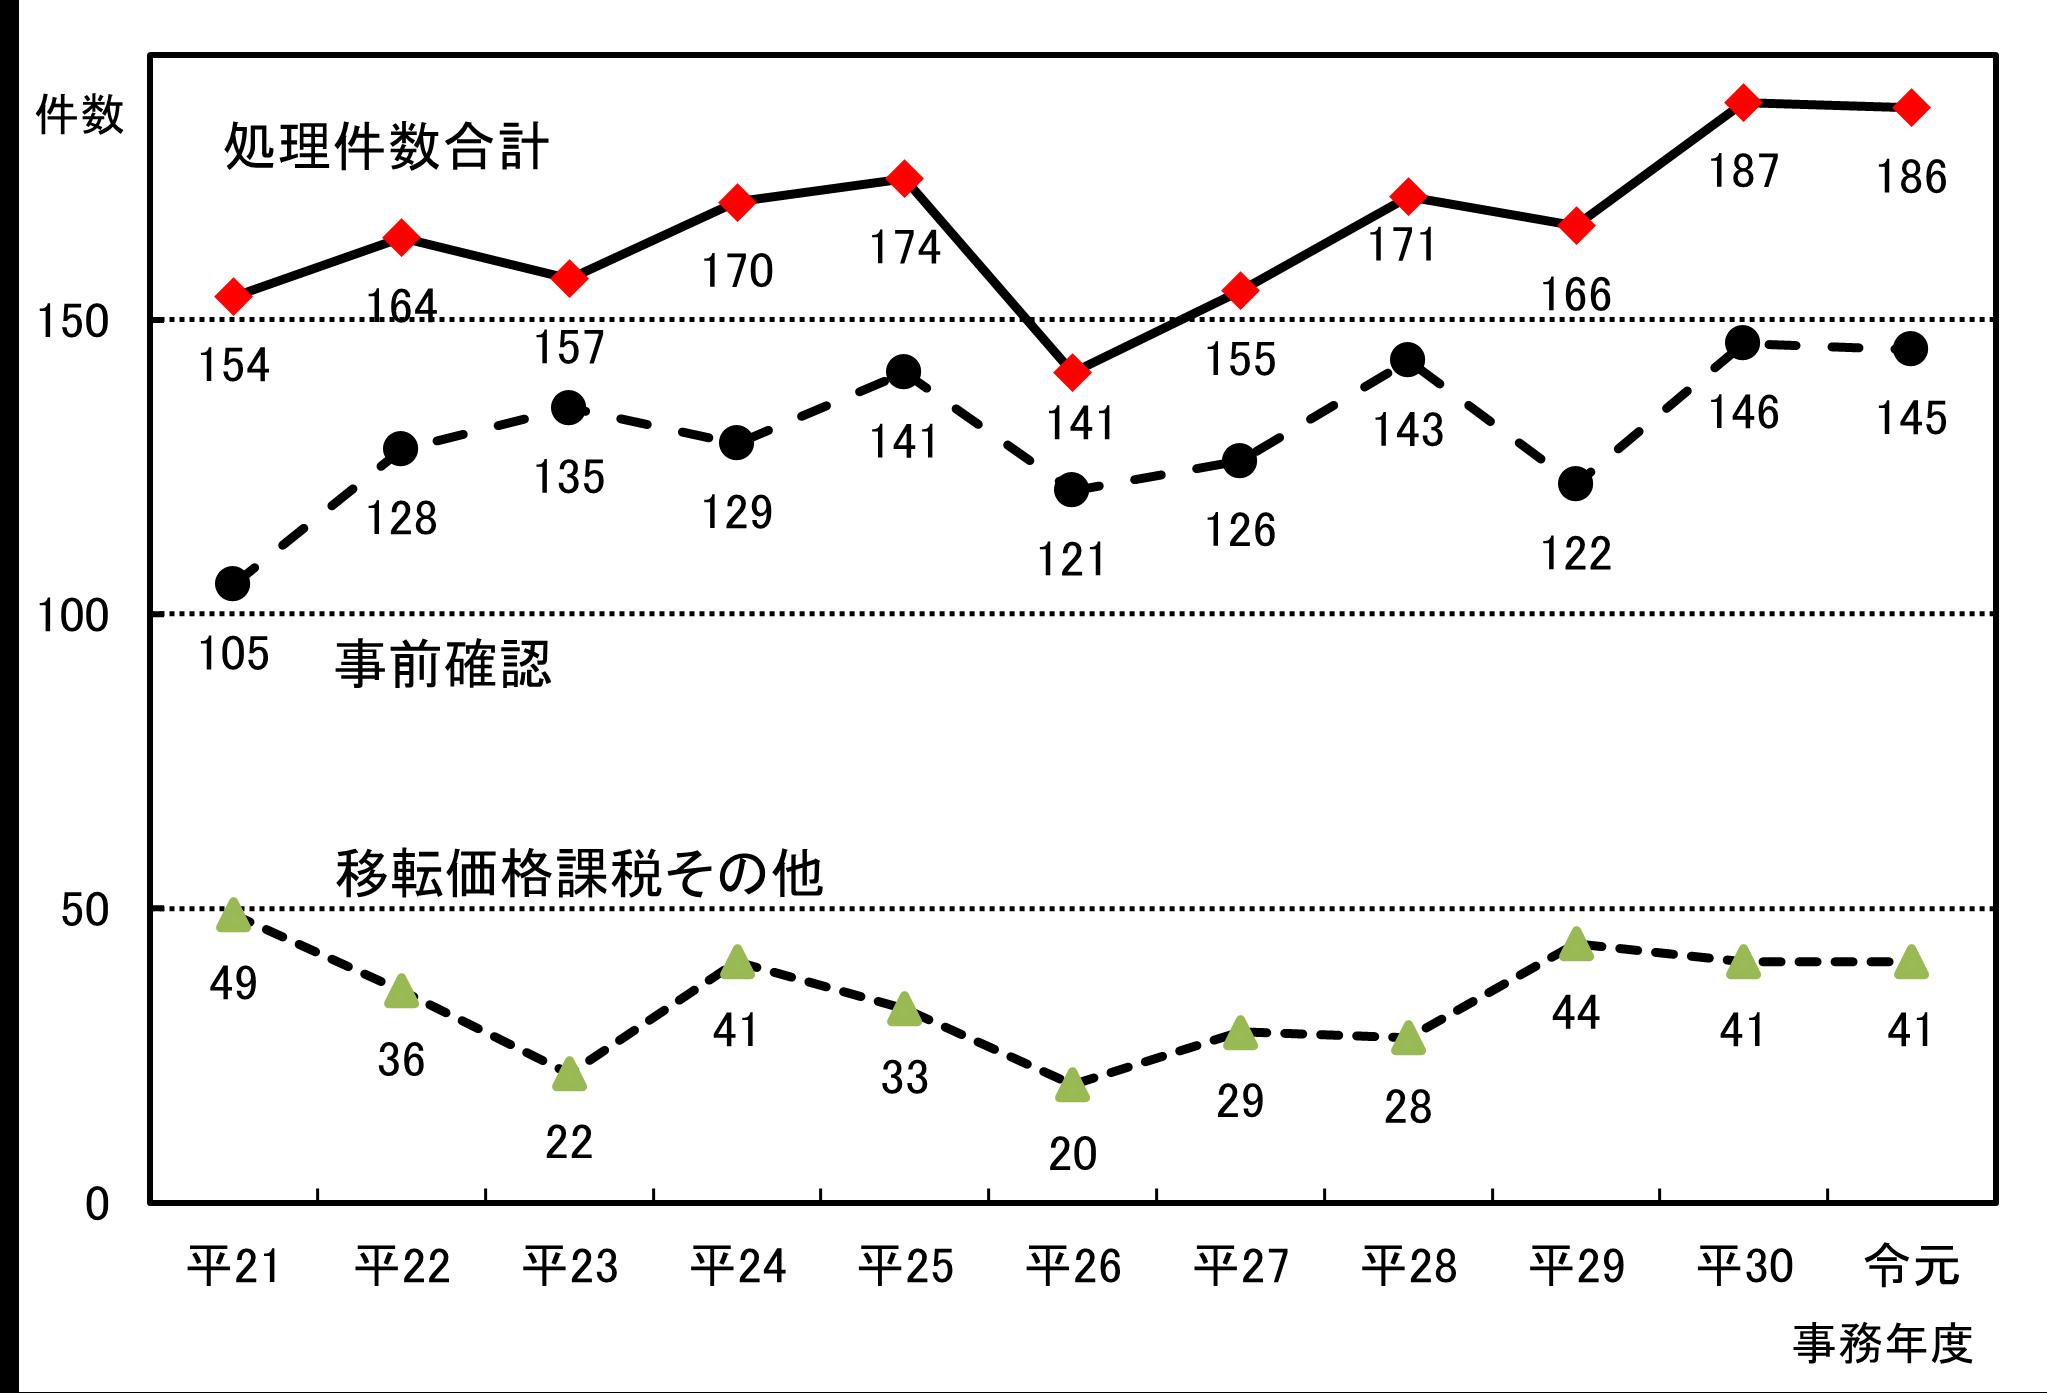 相互協議事案の処理件数グラフ